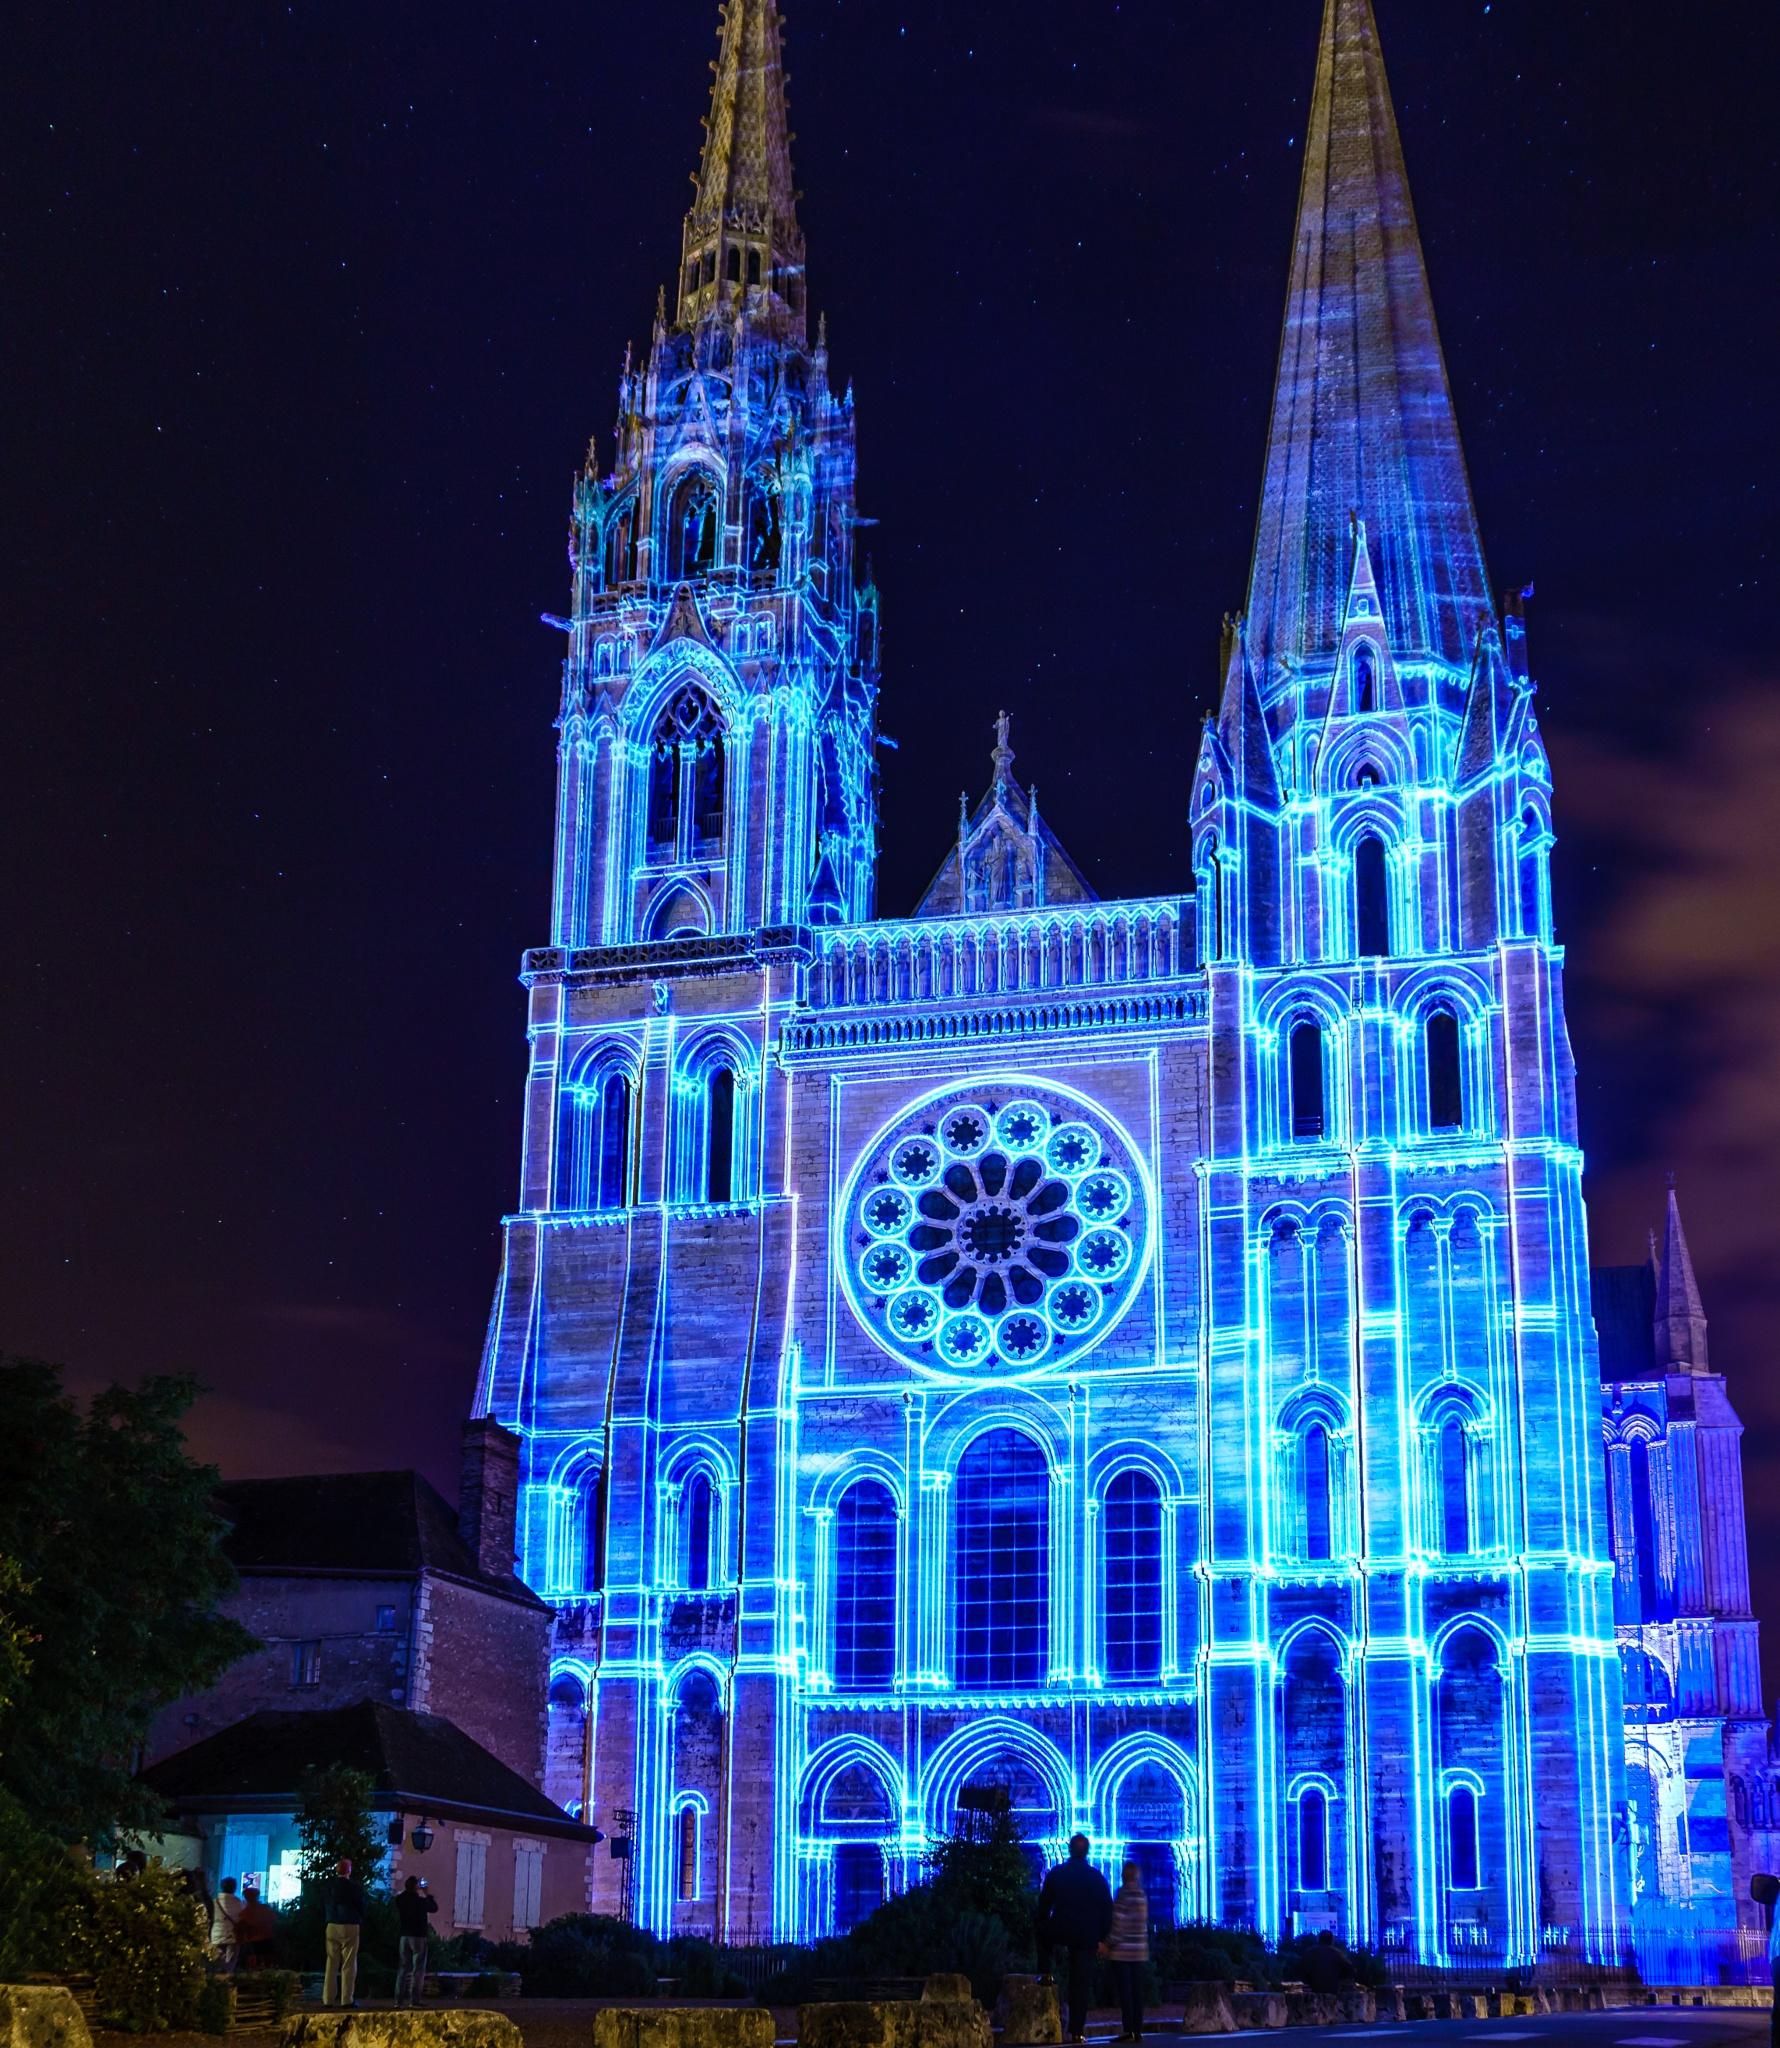 Les lignes de la cathédrale by XavierBERTRAND